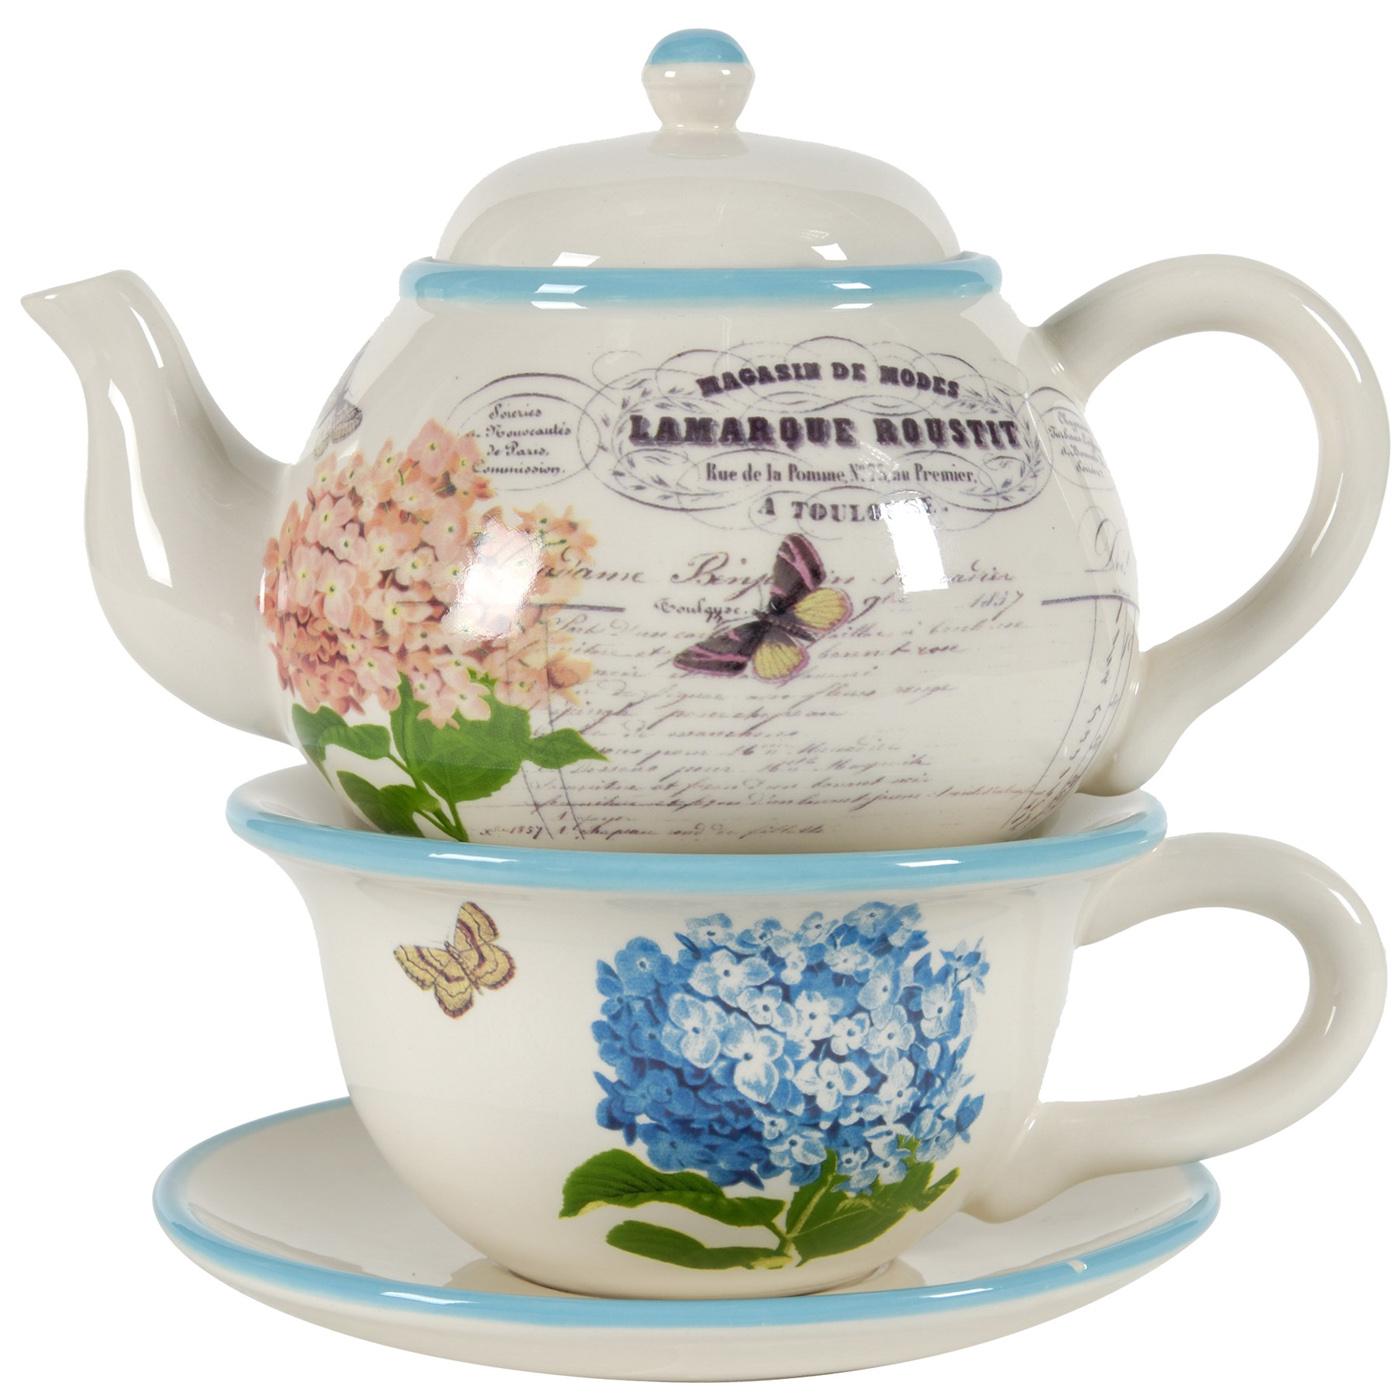 {} ARTEVALUCE Чайный сервиз Interia (Набор) creative набор для творчества украшаем чайный сервиз